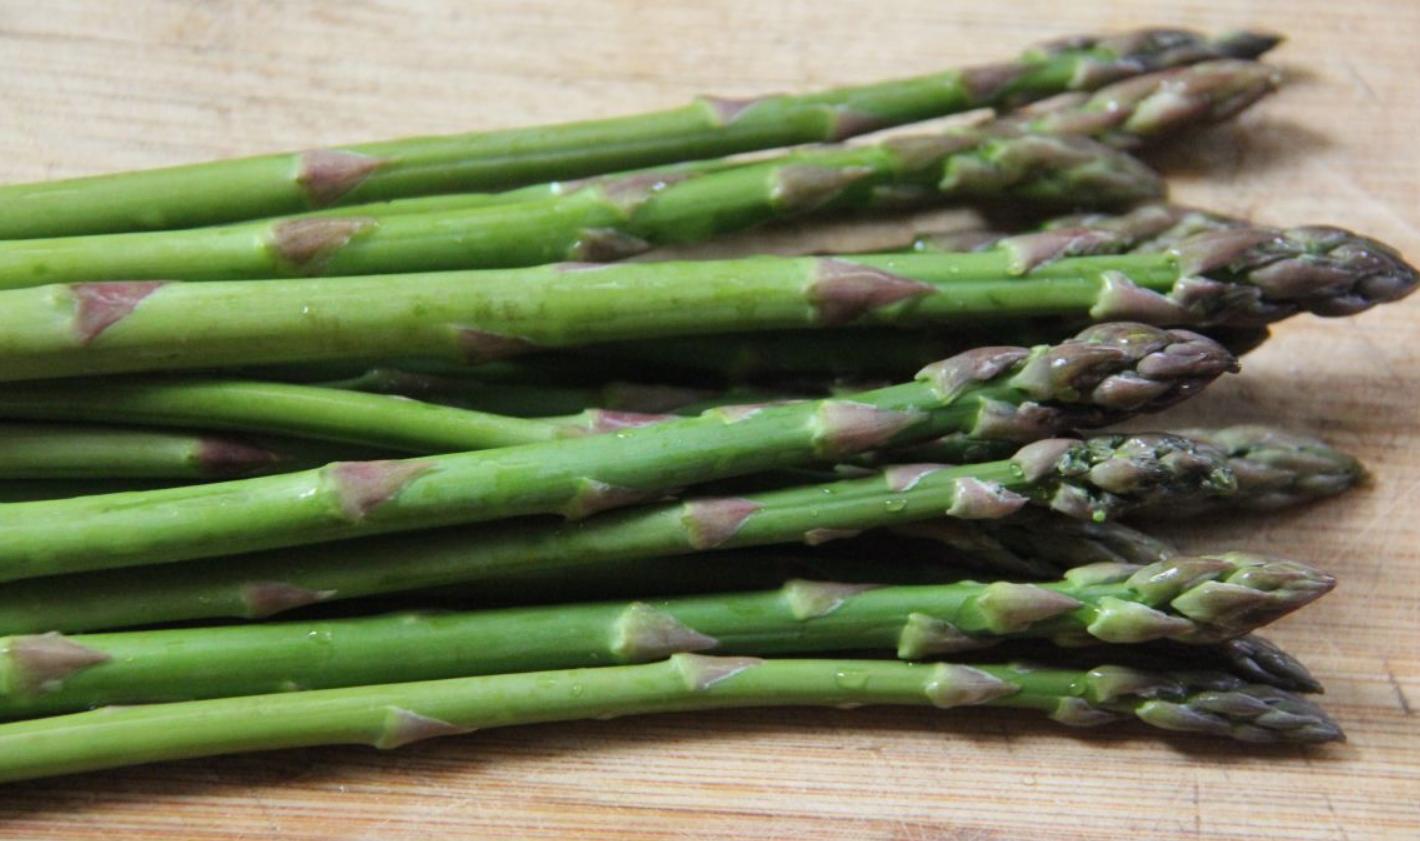 爱吃芦笋的一定要收藏,教你5种芦笋简单营养的做法,好吃极了